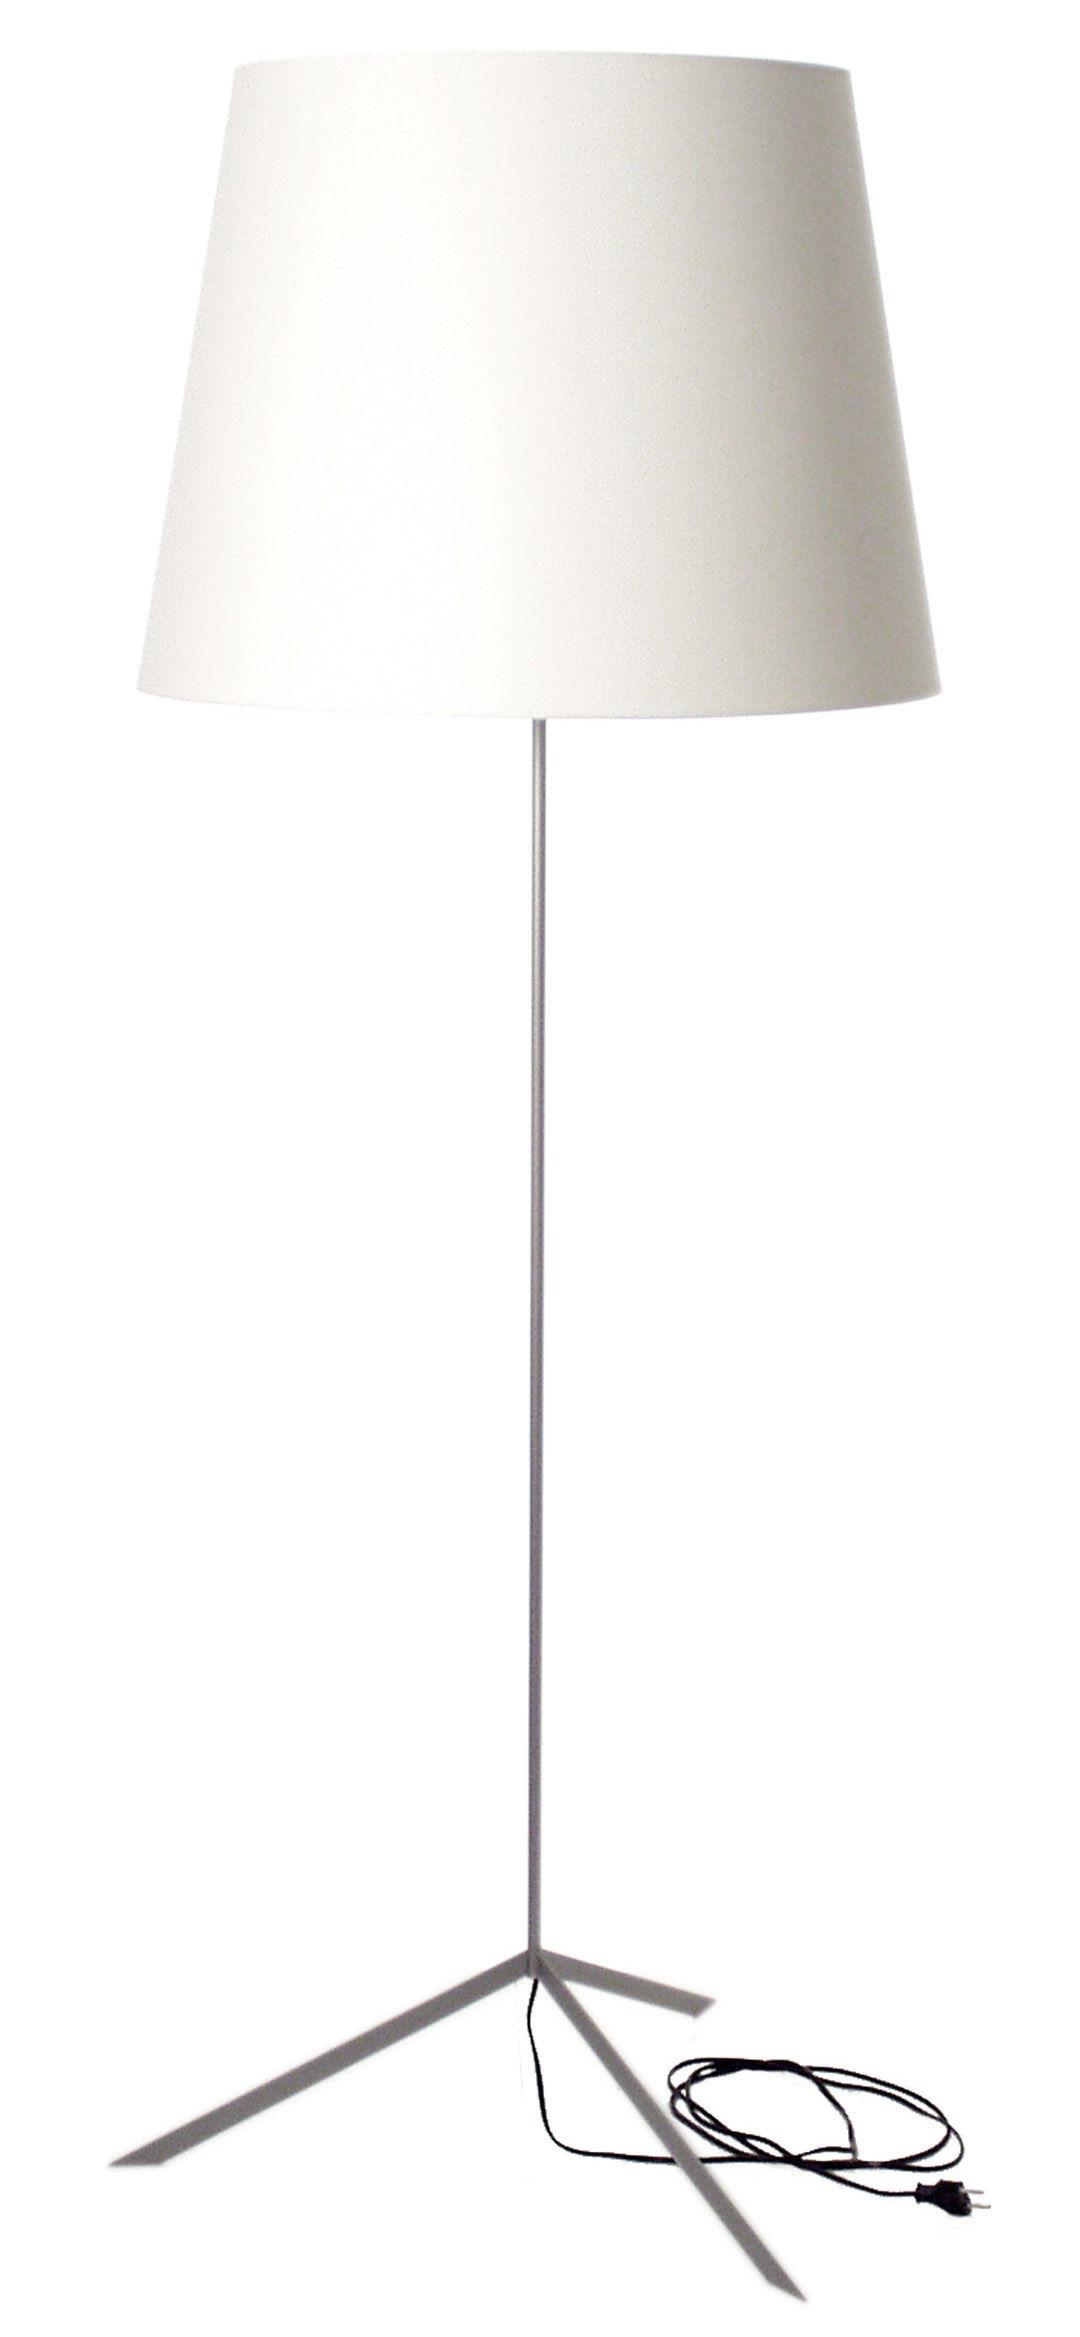 Luminaire - Lampadaires - Lampadaire Doubleshade - Moooi - Blanc - Acier chromé, Coton